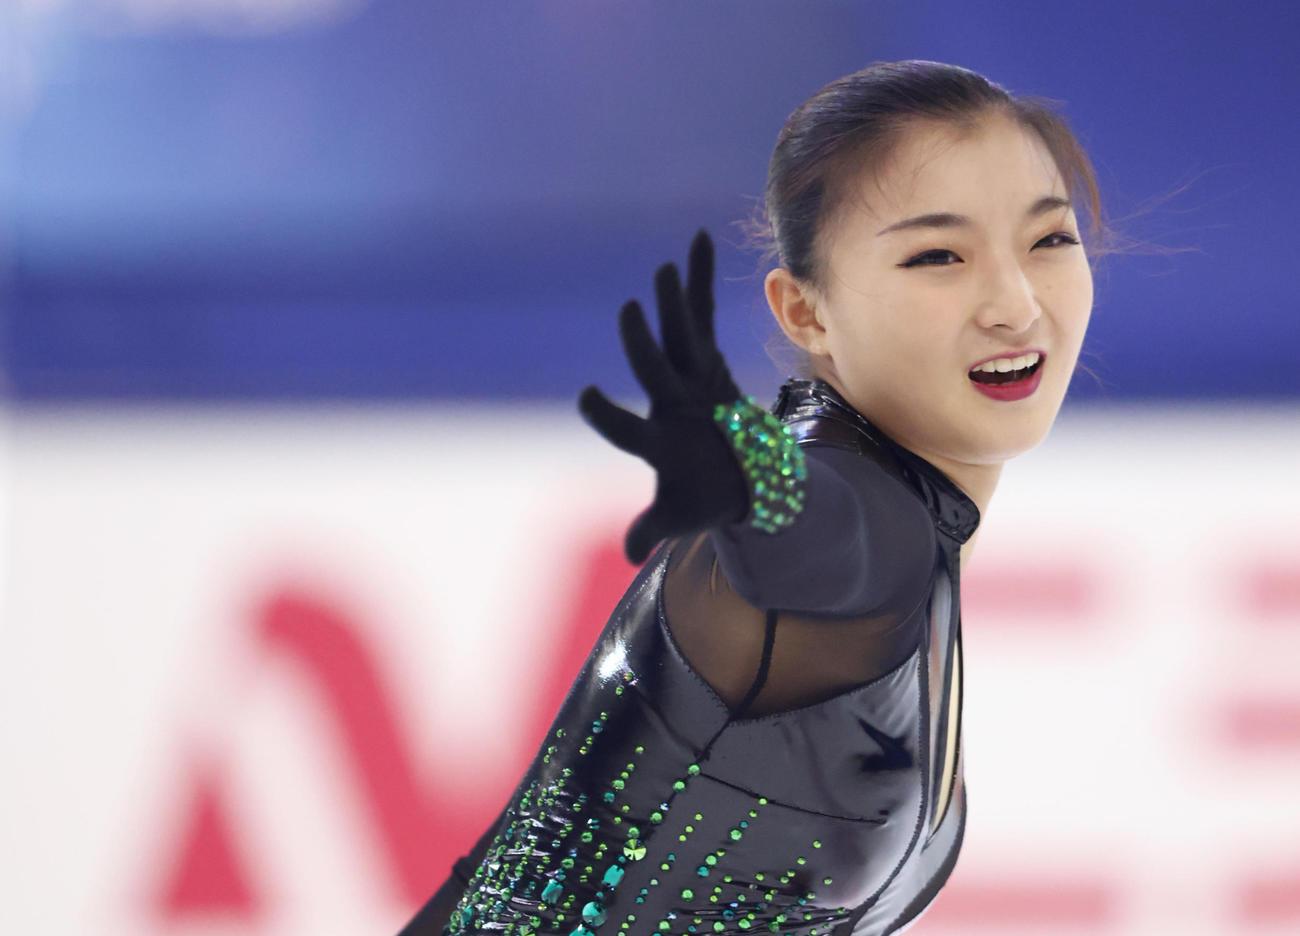 坂本花織(2020年9月13日代表撮影)